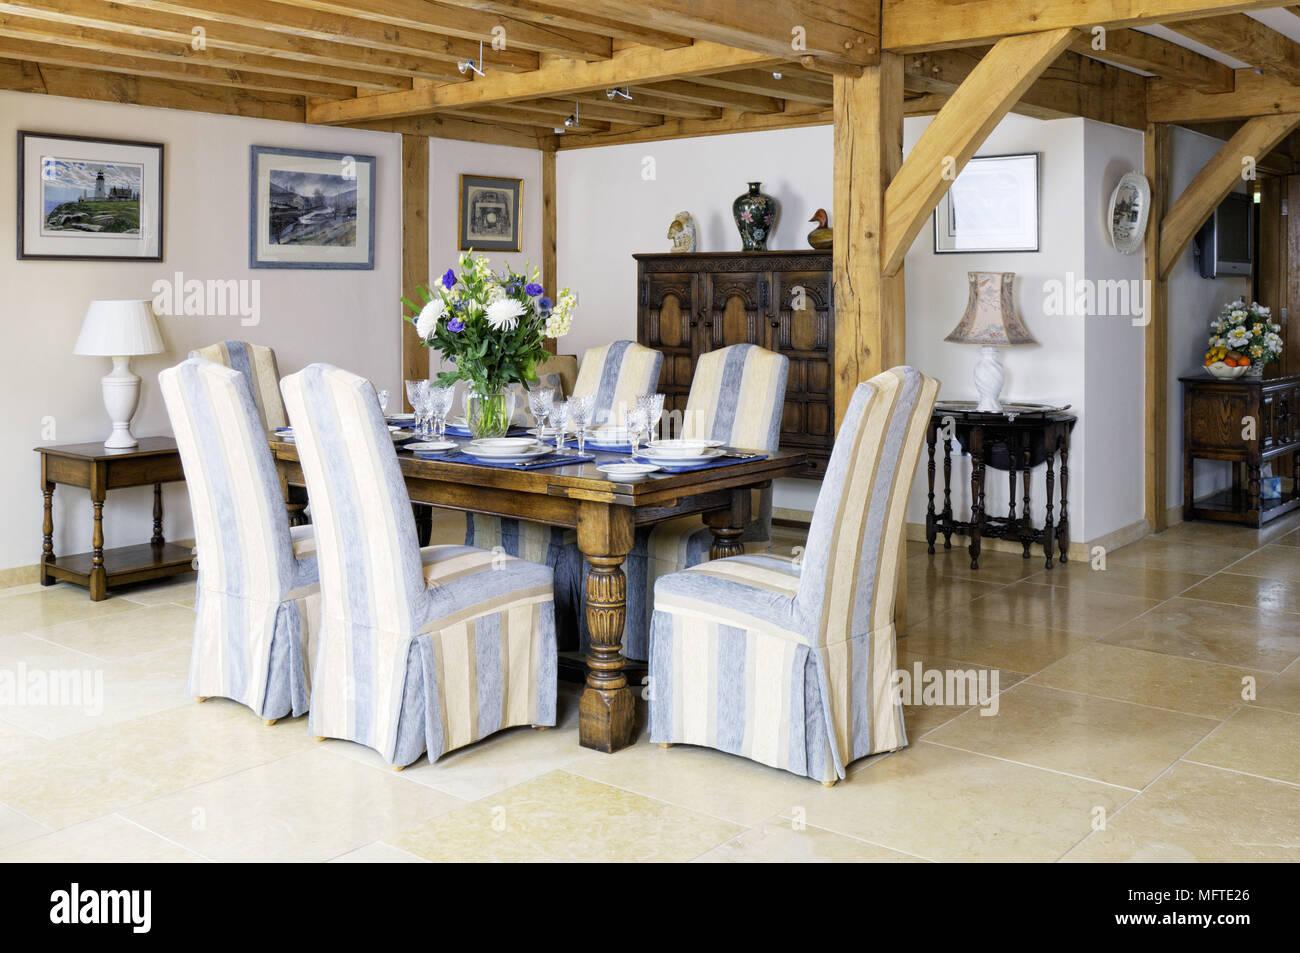 Gepolsterte Stuhle An Den Holzernen Tisch Im Modernen Landhausstil Esszimmer Stockfotografie Alamy